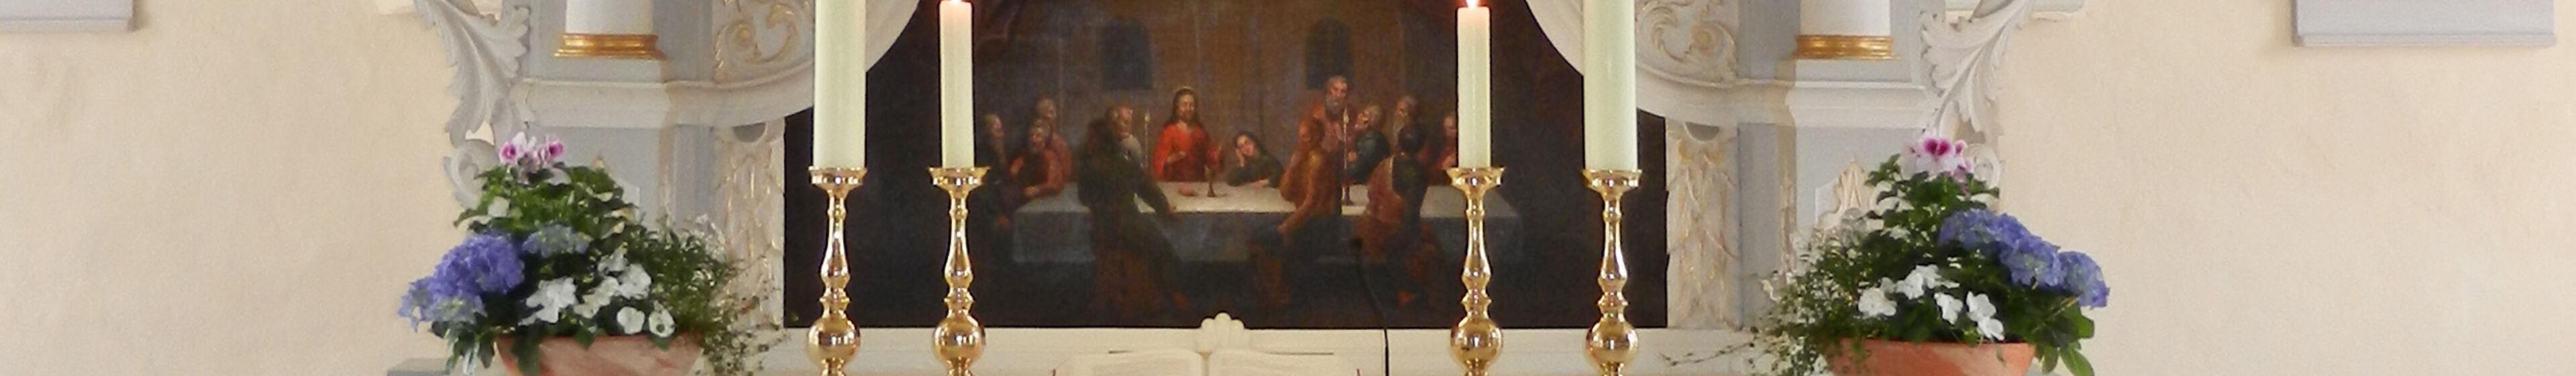 Garlstorf altar kopfbild